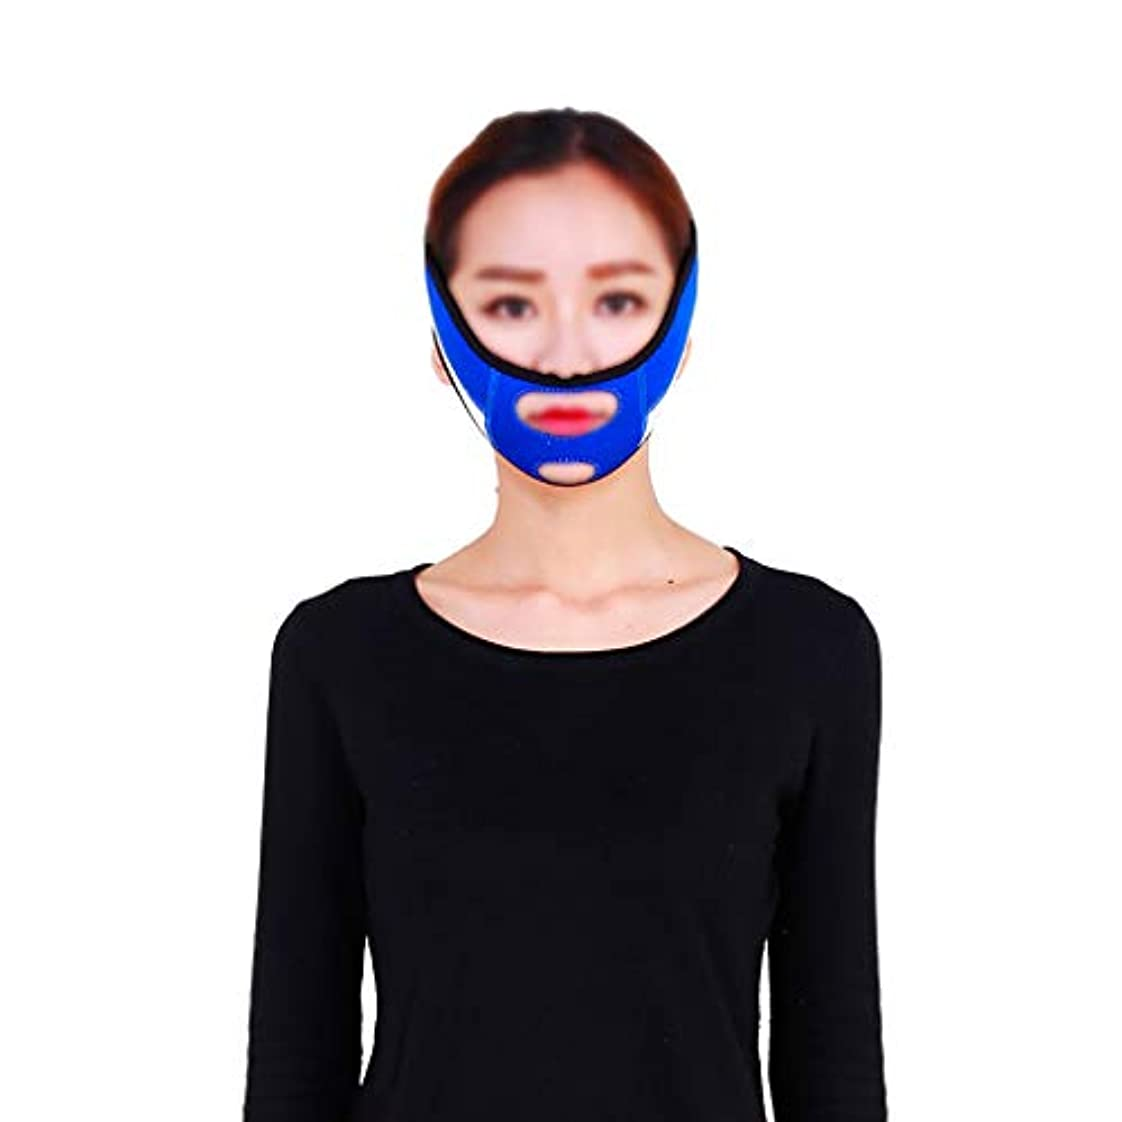 程度くすぐったい報酬XHLMRMJ 引き締めフェイスマスク、たるみ肌を強化する滑り止め弾性伸縮性包帯を強化するために口を調整するための小さなV顔アーティファクトリフティングマスク